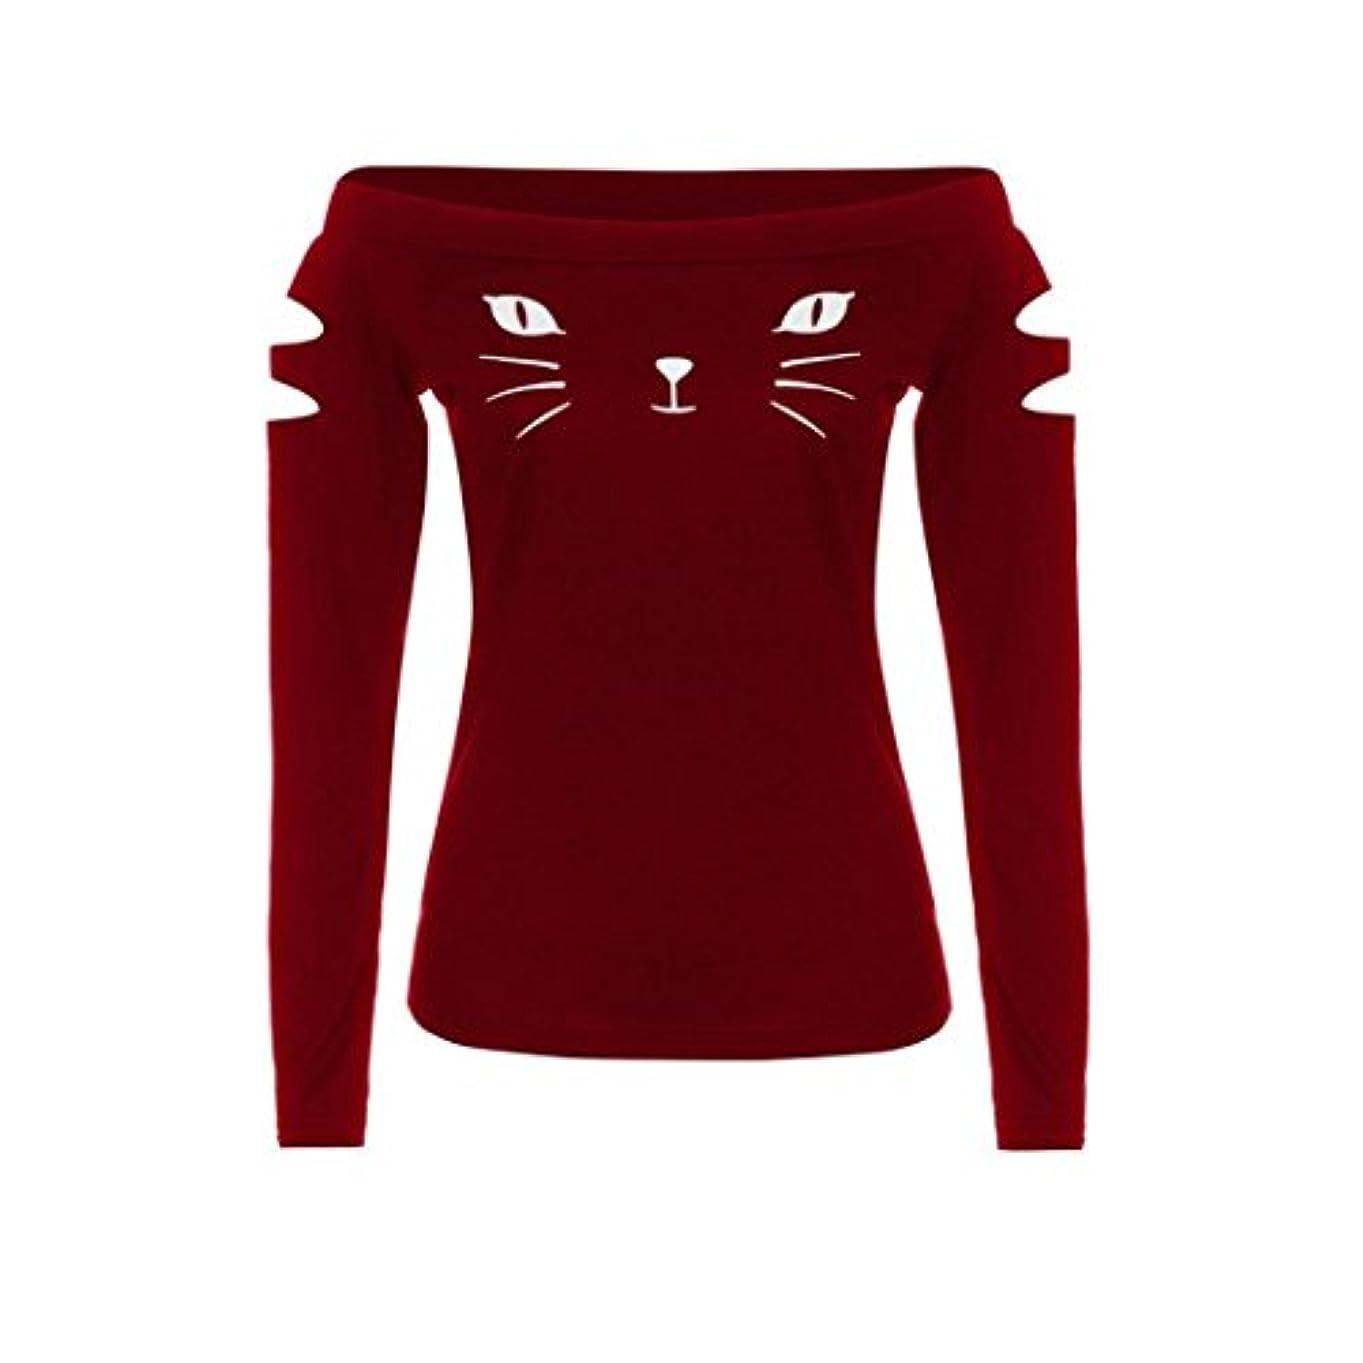 投げるピボット圧倒的SakuraBest 女性スラント長袖ブラウス猫プリントTシャツ